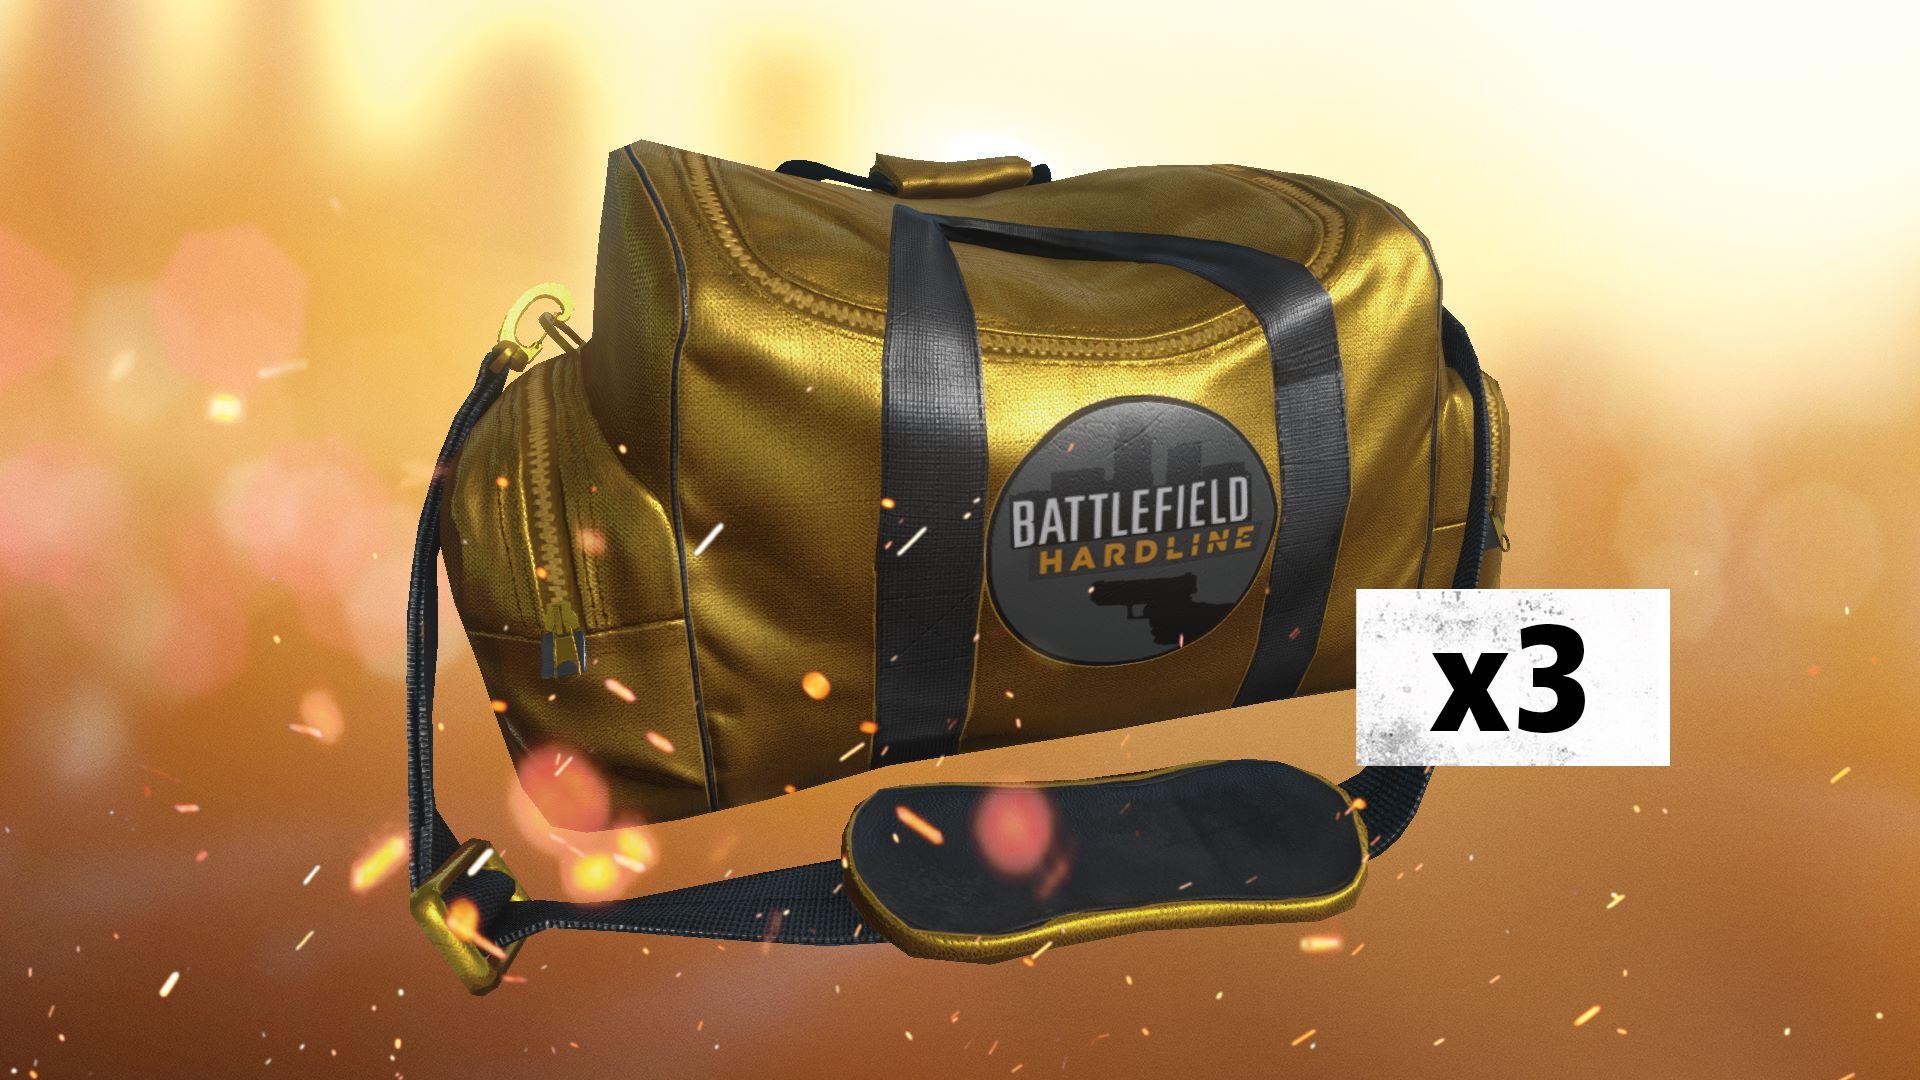 Battlefield Hardline 3 X Gold Battlepacks